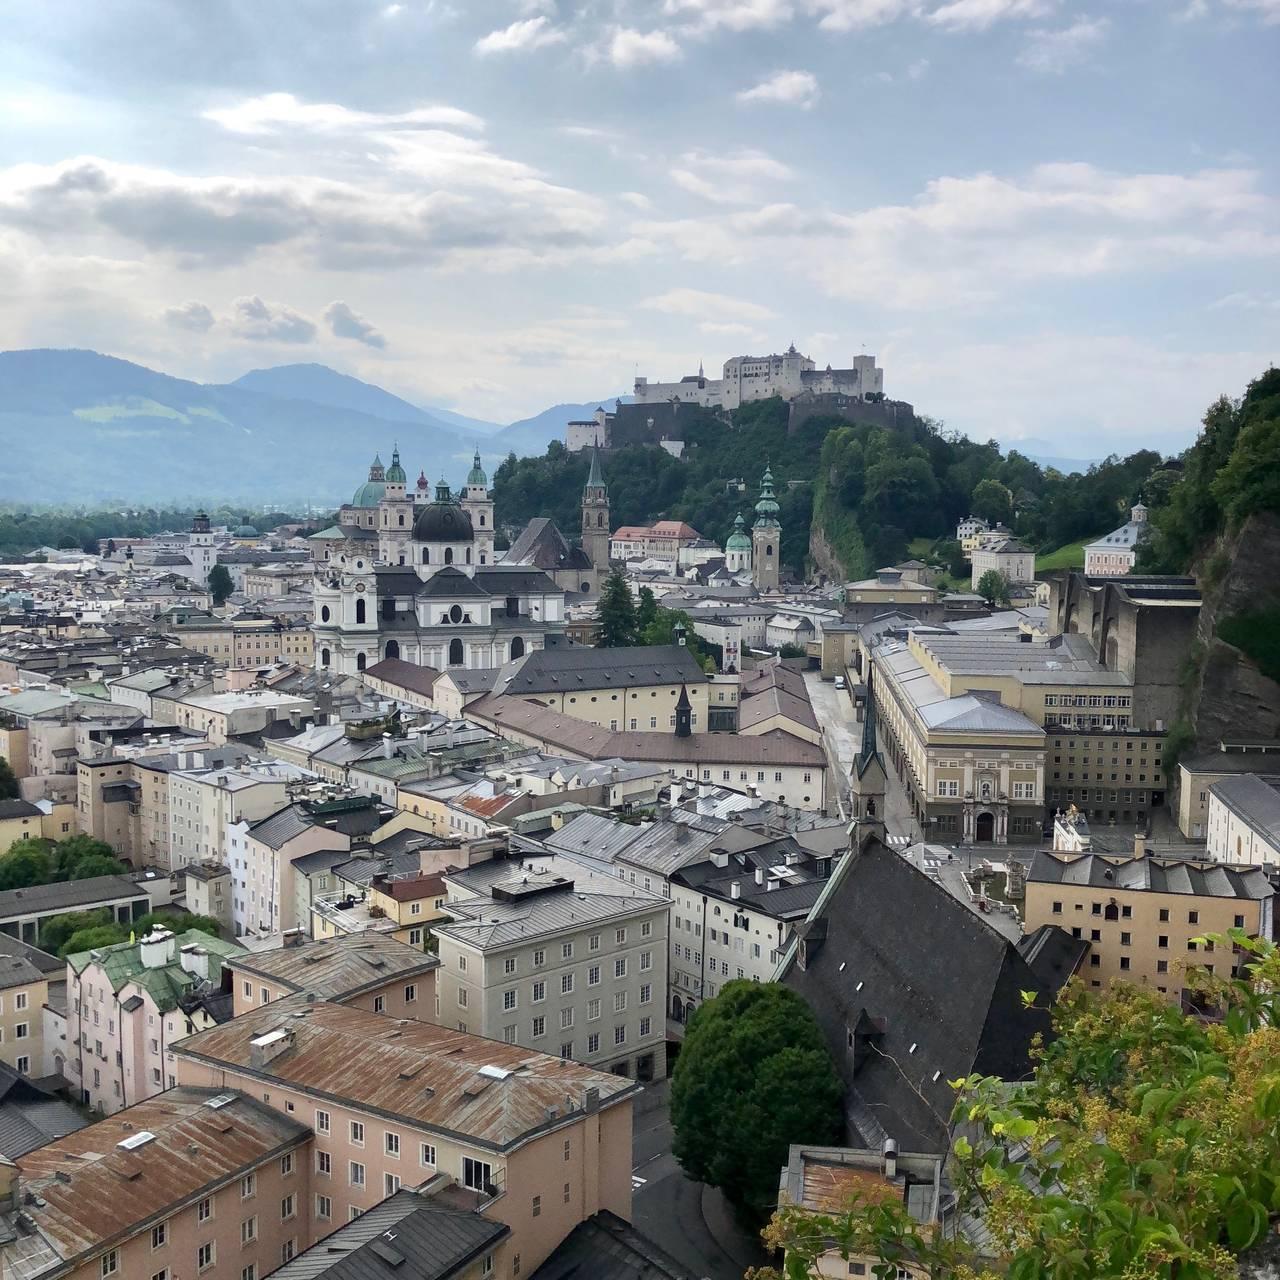 M32 Restaurant Salzburg Salzburg Opentable